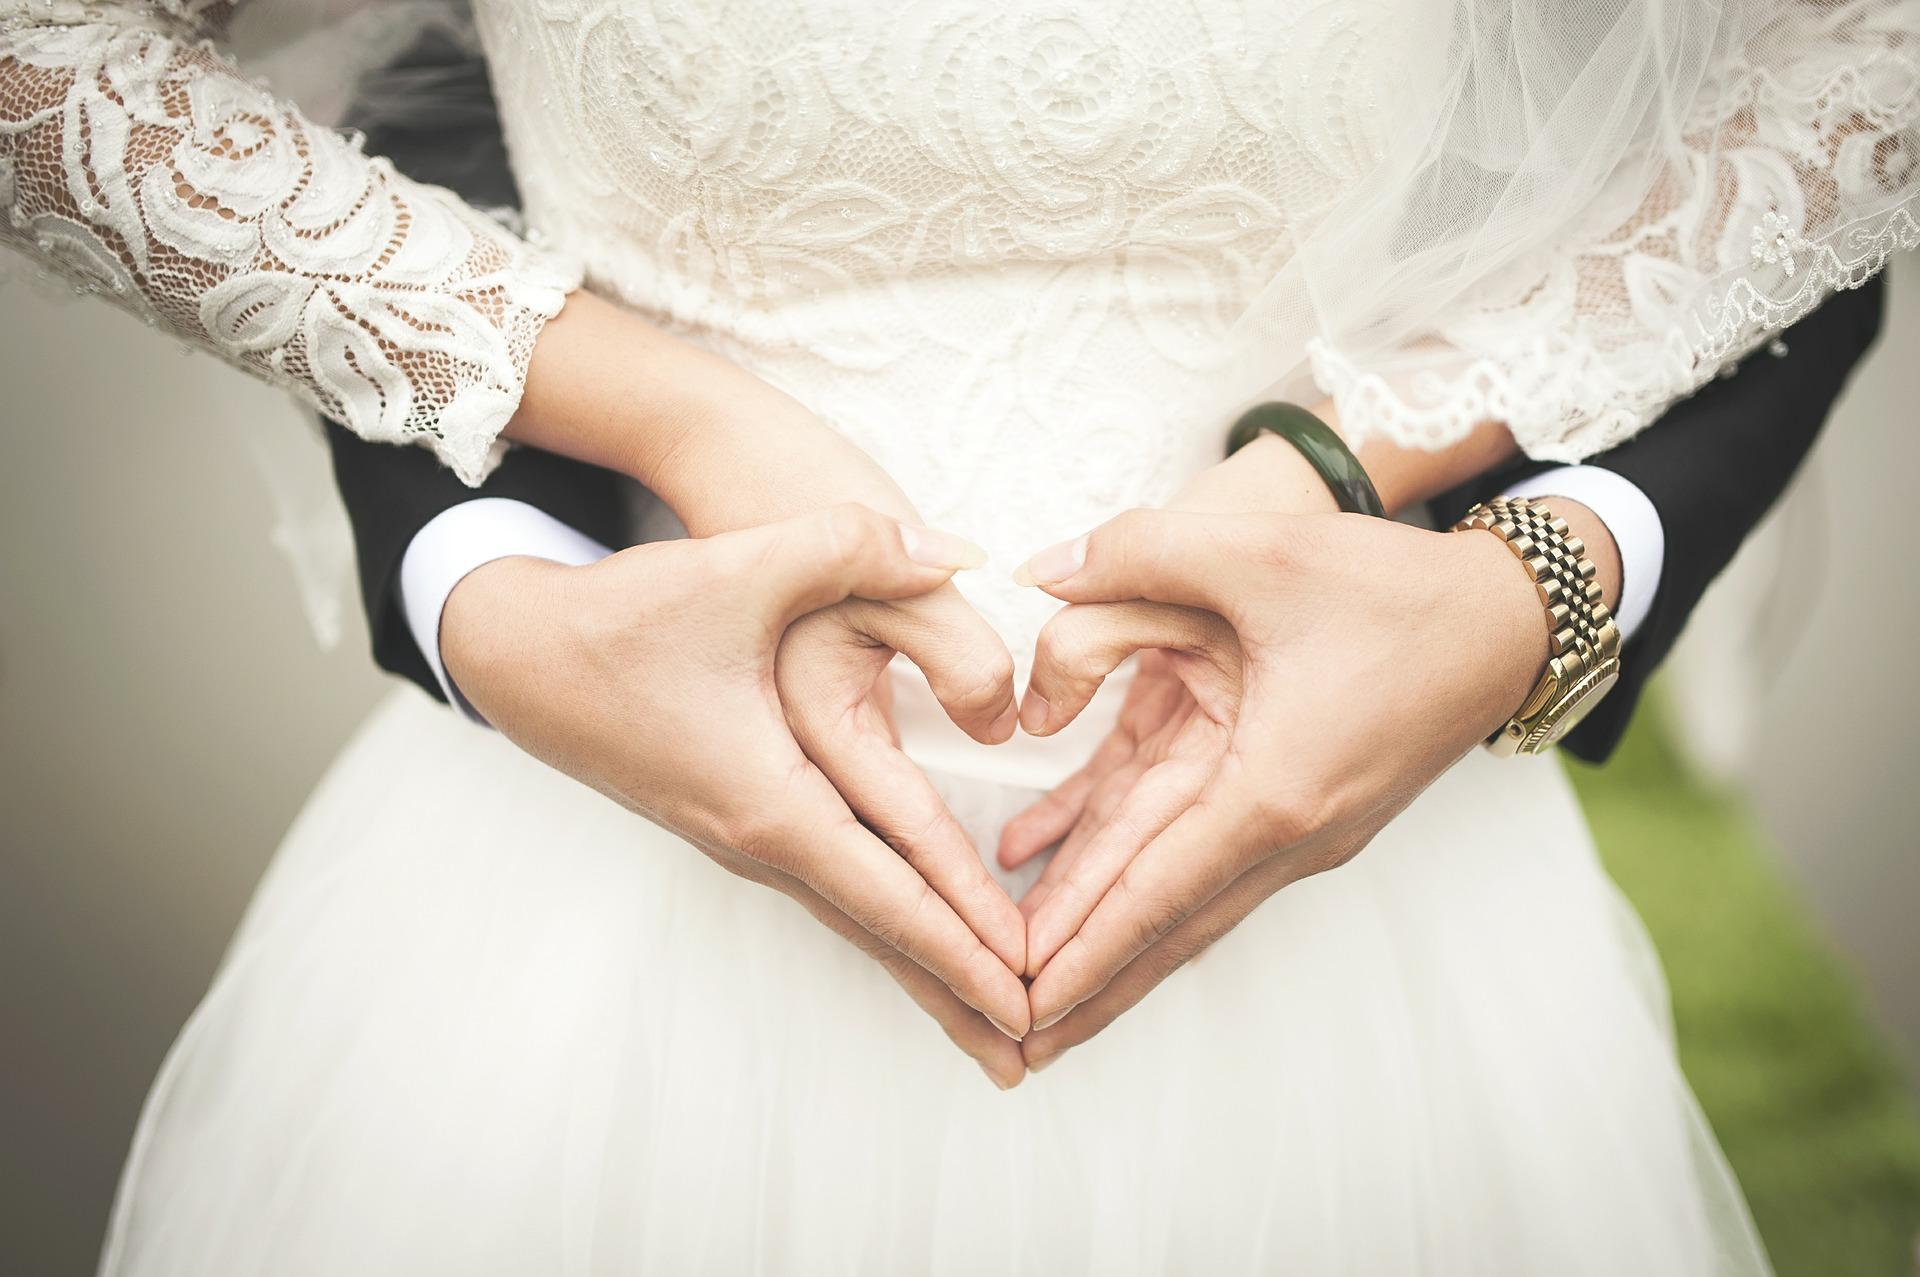 De liefde beklinken na een lange relatie